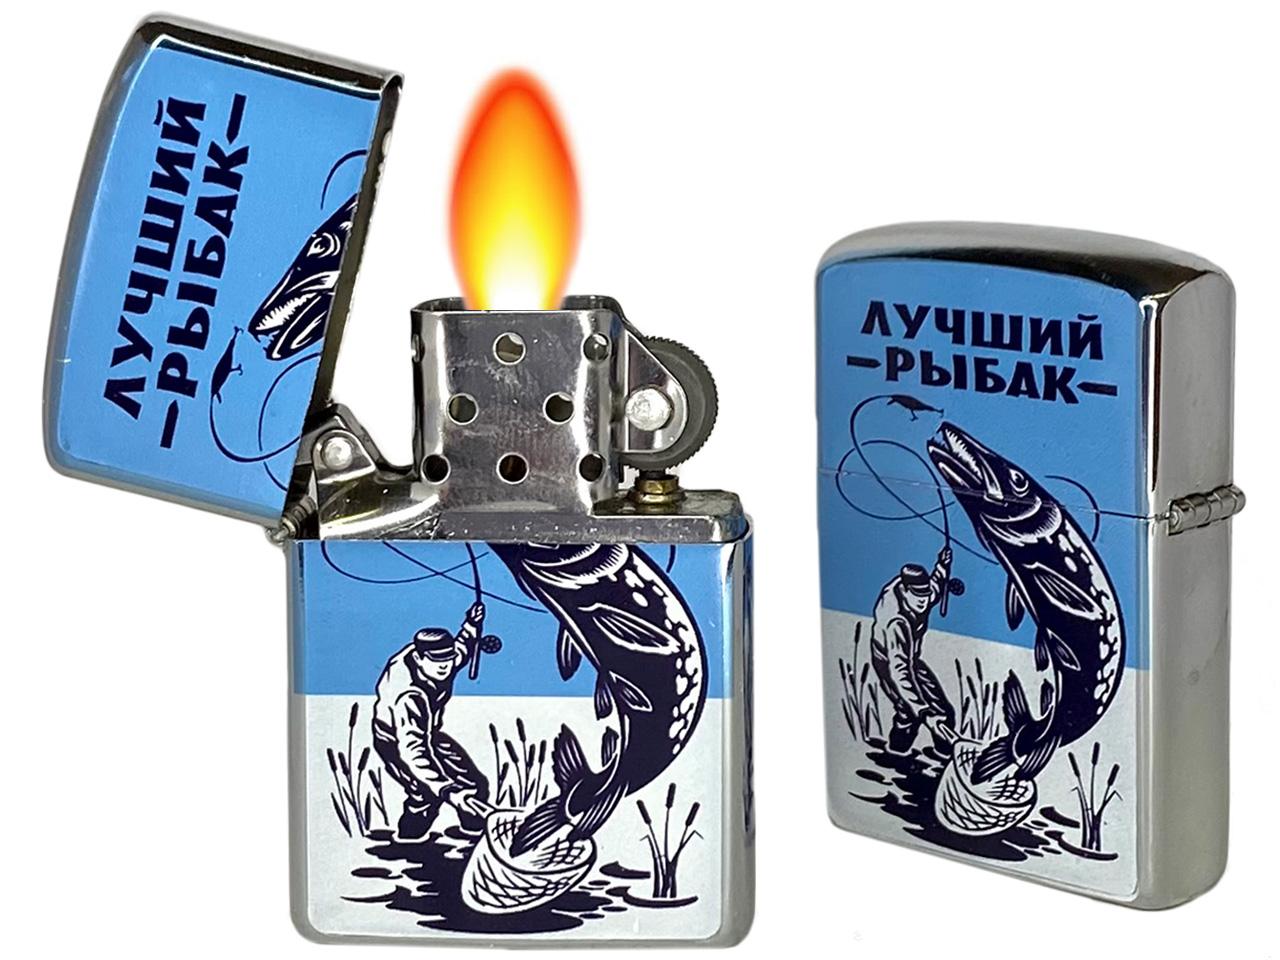 """Купить бензиновую зажигалку """"Лучший Рыбак"""" по выгодной цене"""